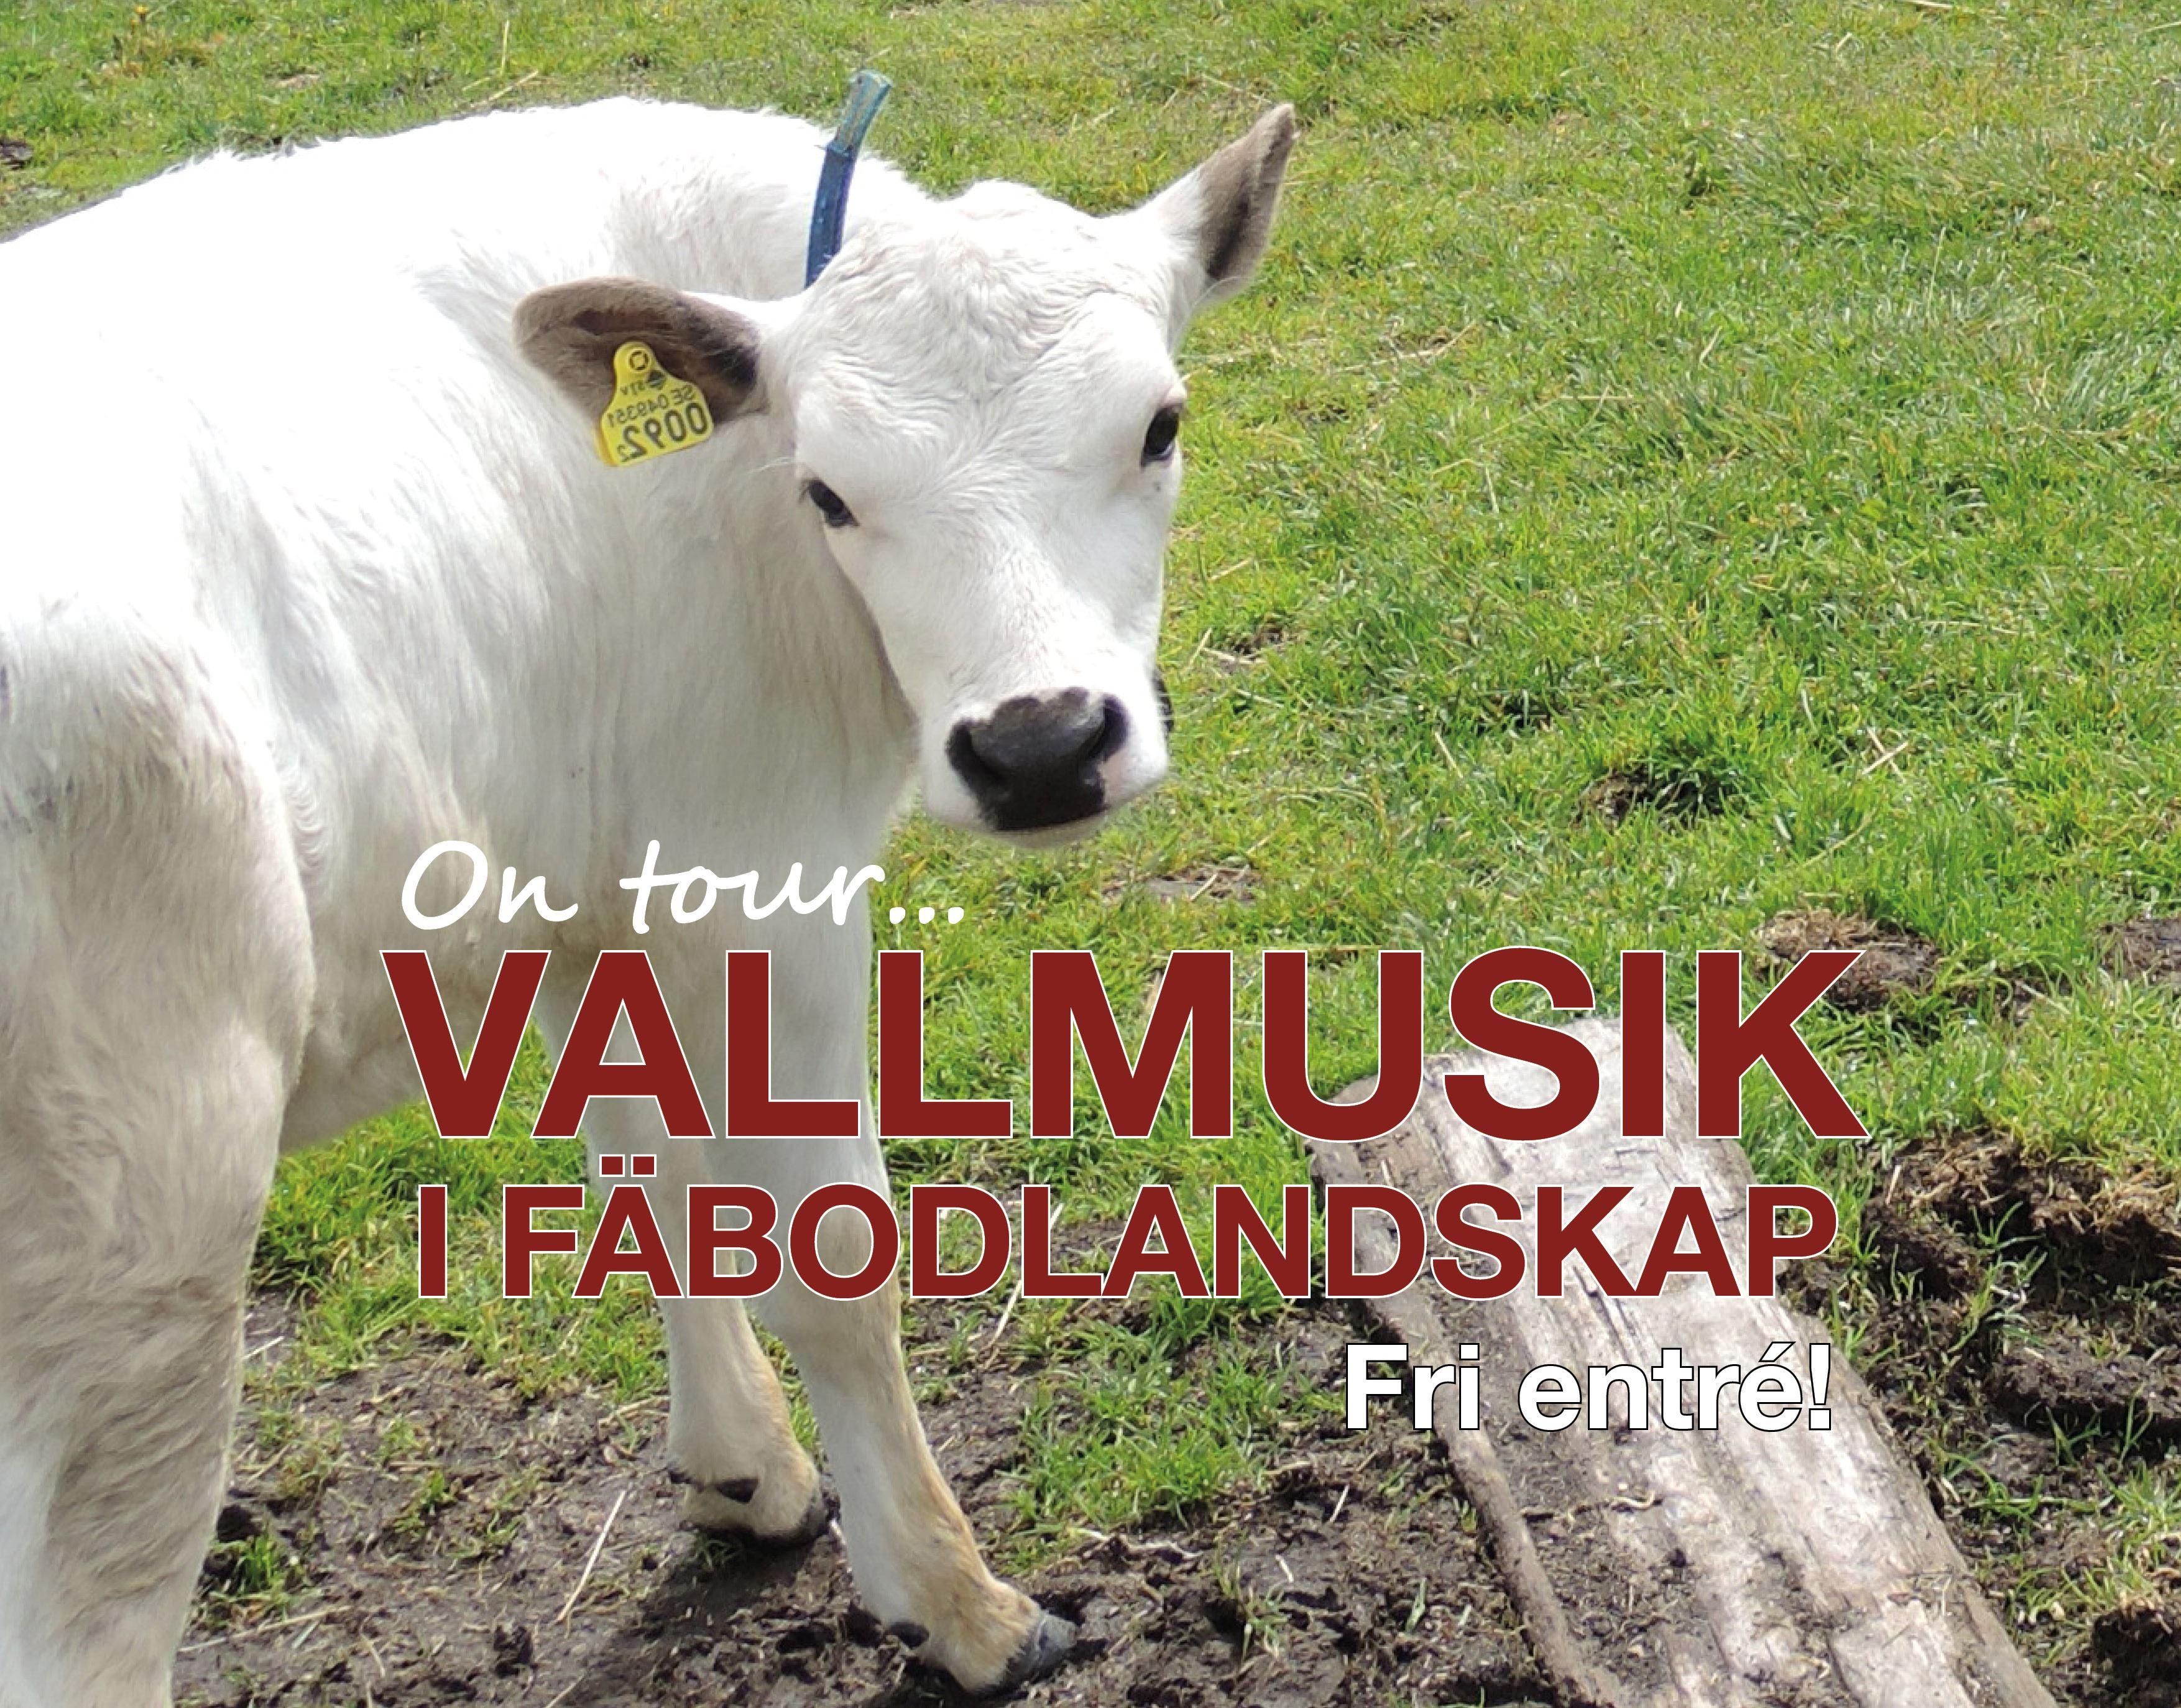 Vallmusik i Fäbodlandskap - Kättboåsen, Mora